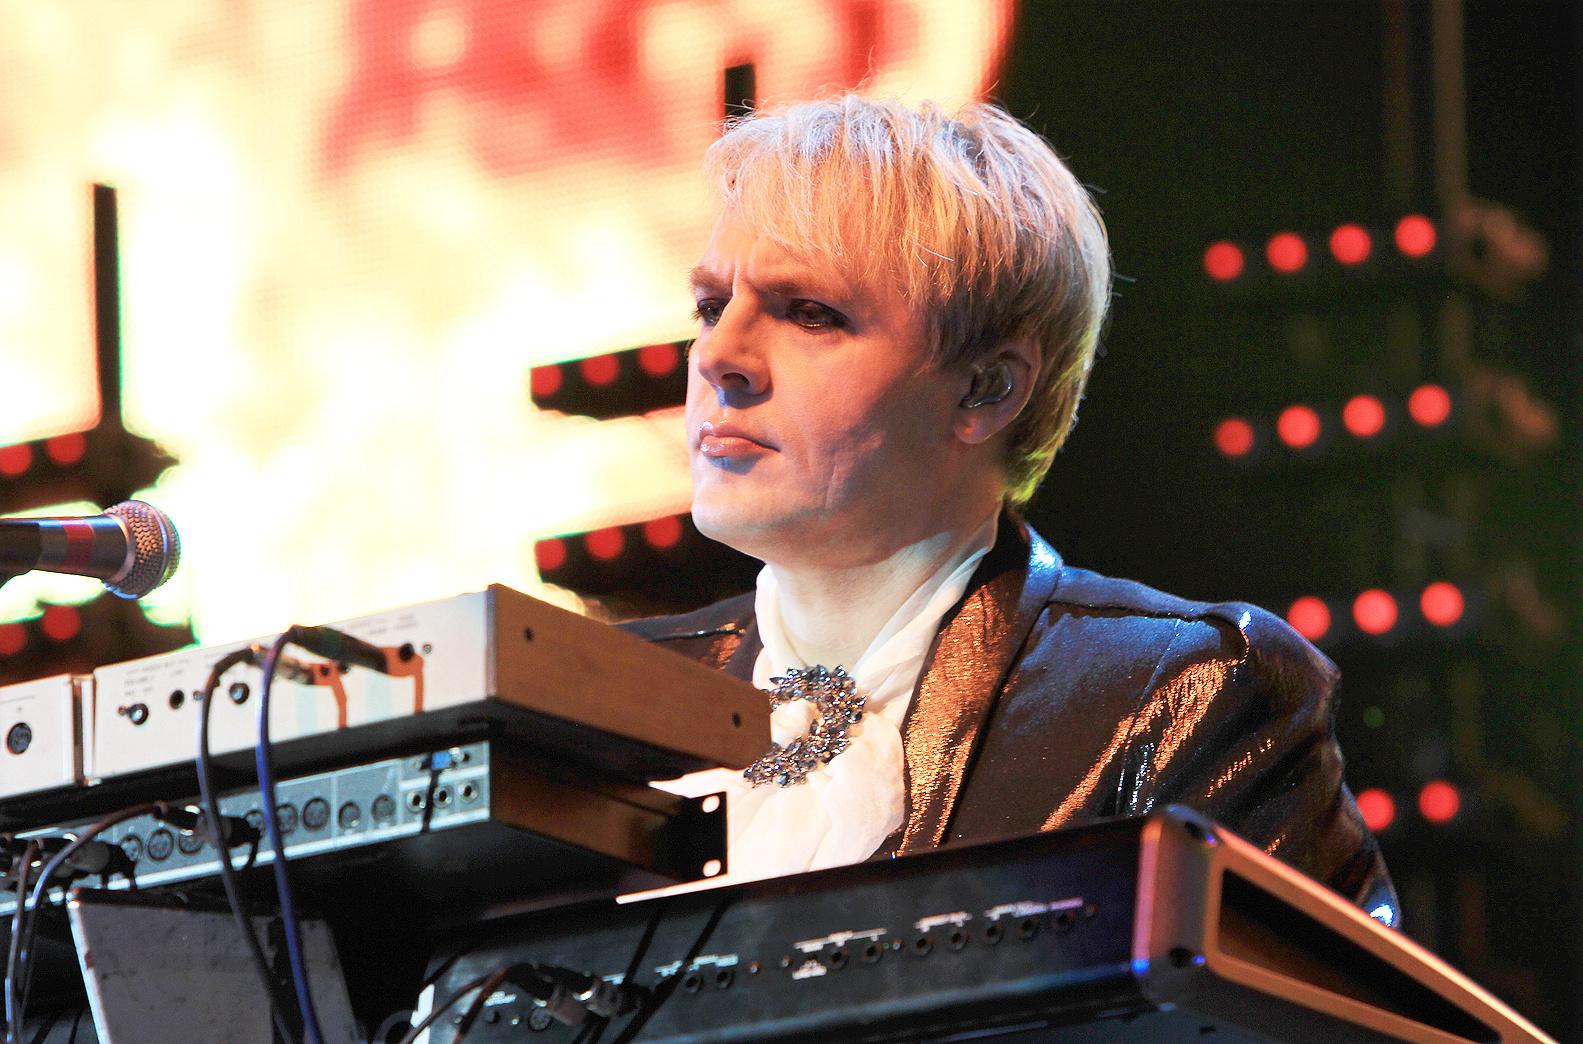 Duran Duran image 6 keyboard